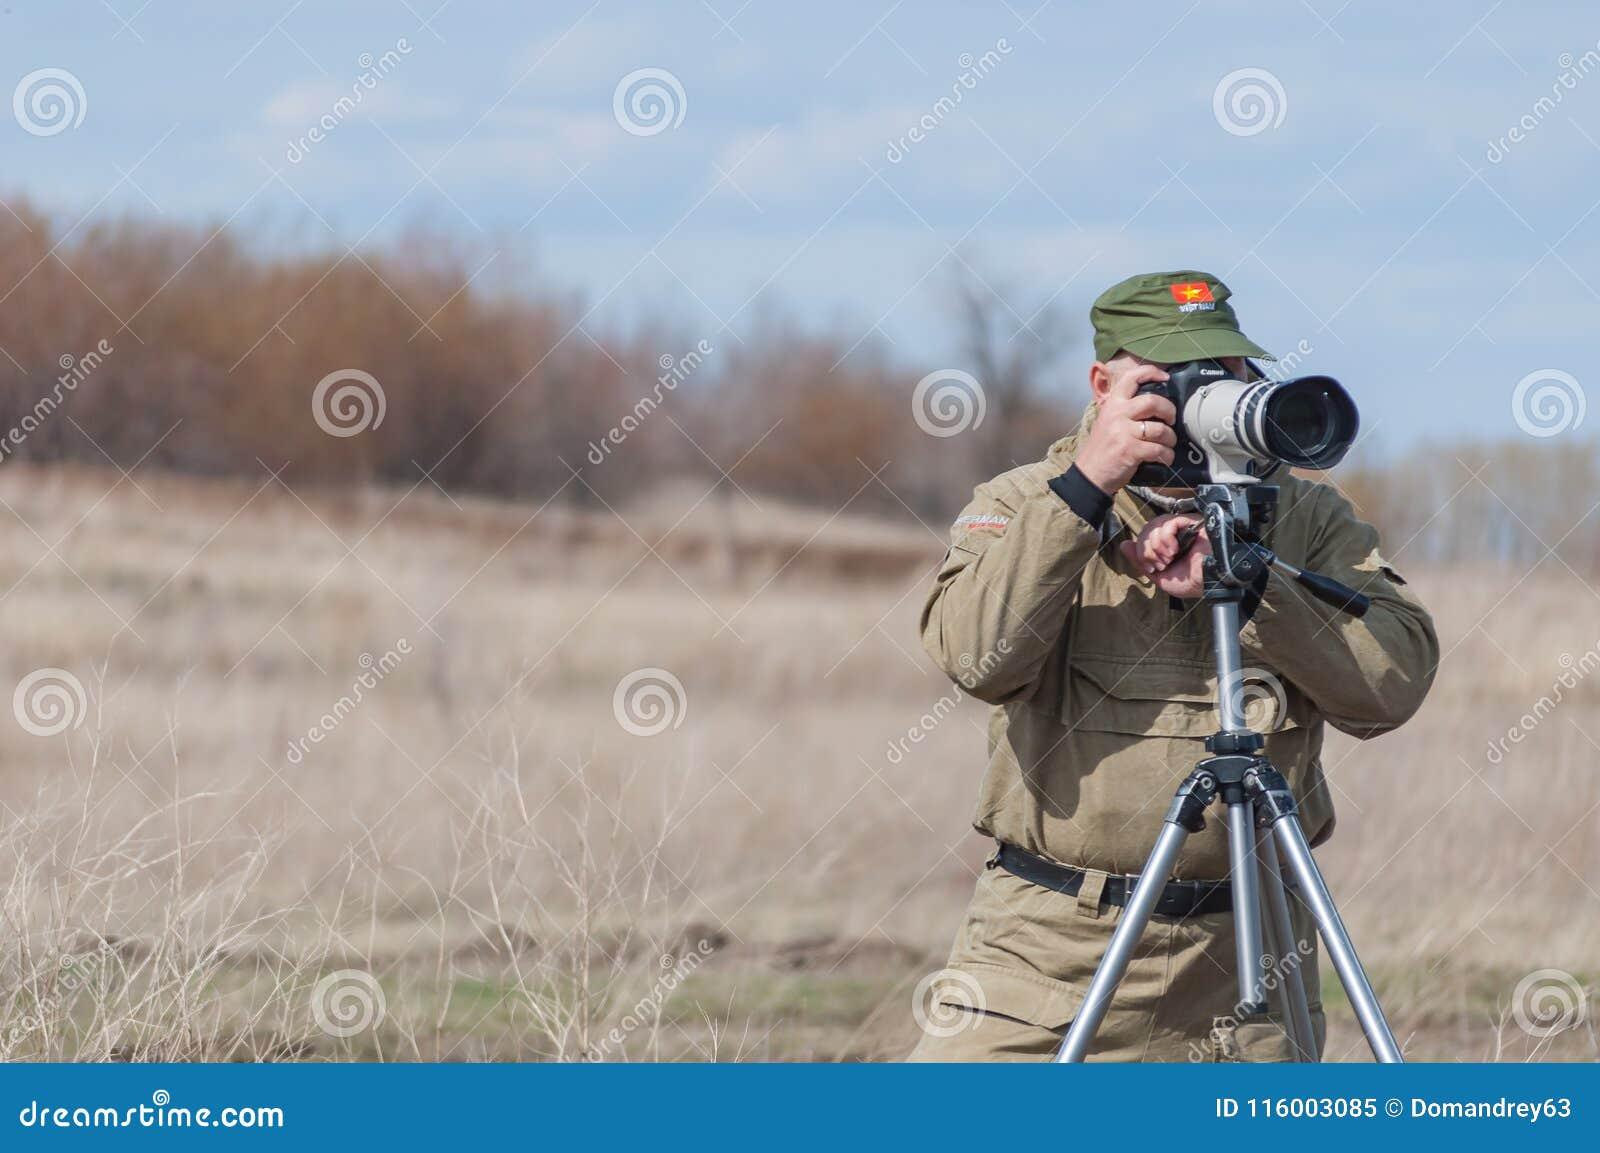 El fotógrafo está trabajando en tirar un informe sobre la Segunda Guerra Mundial